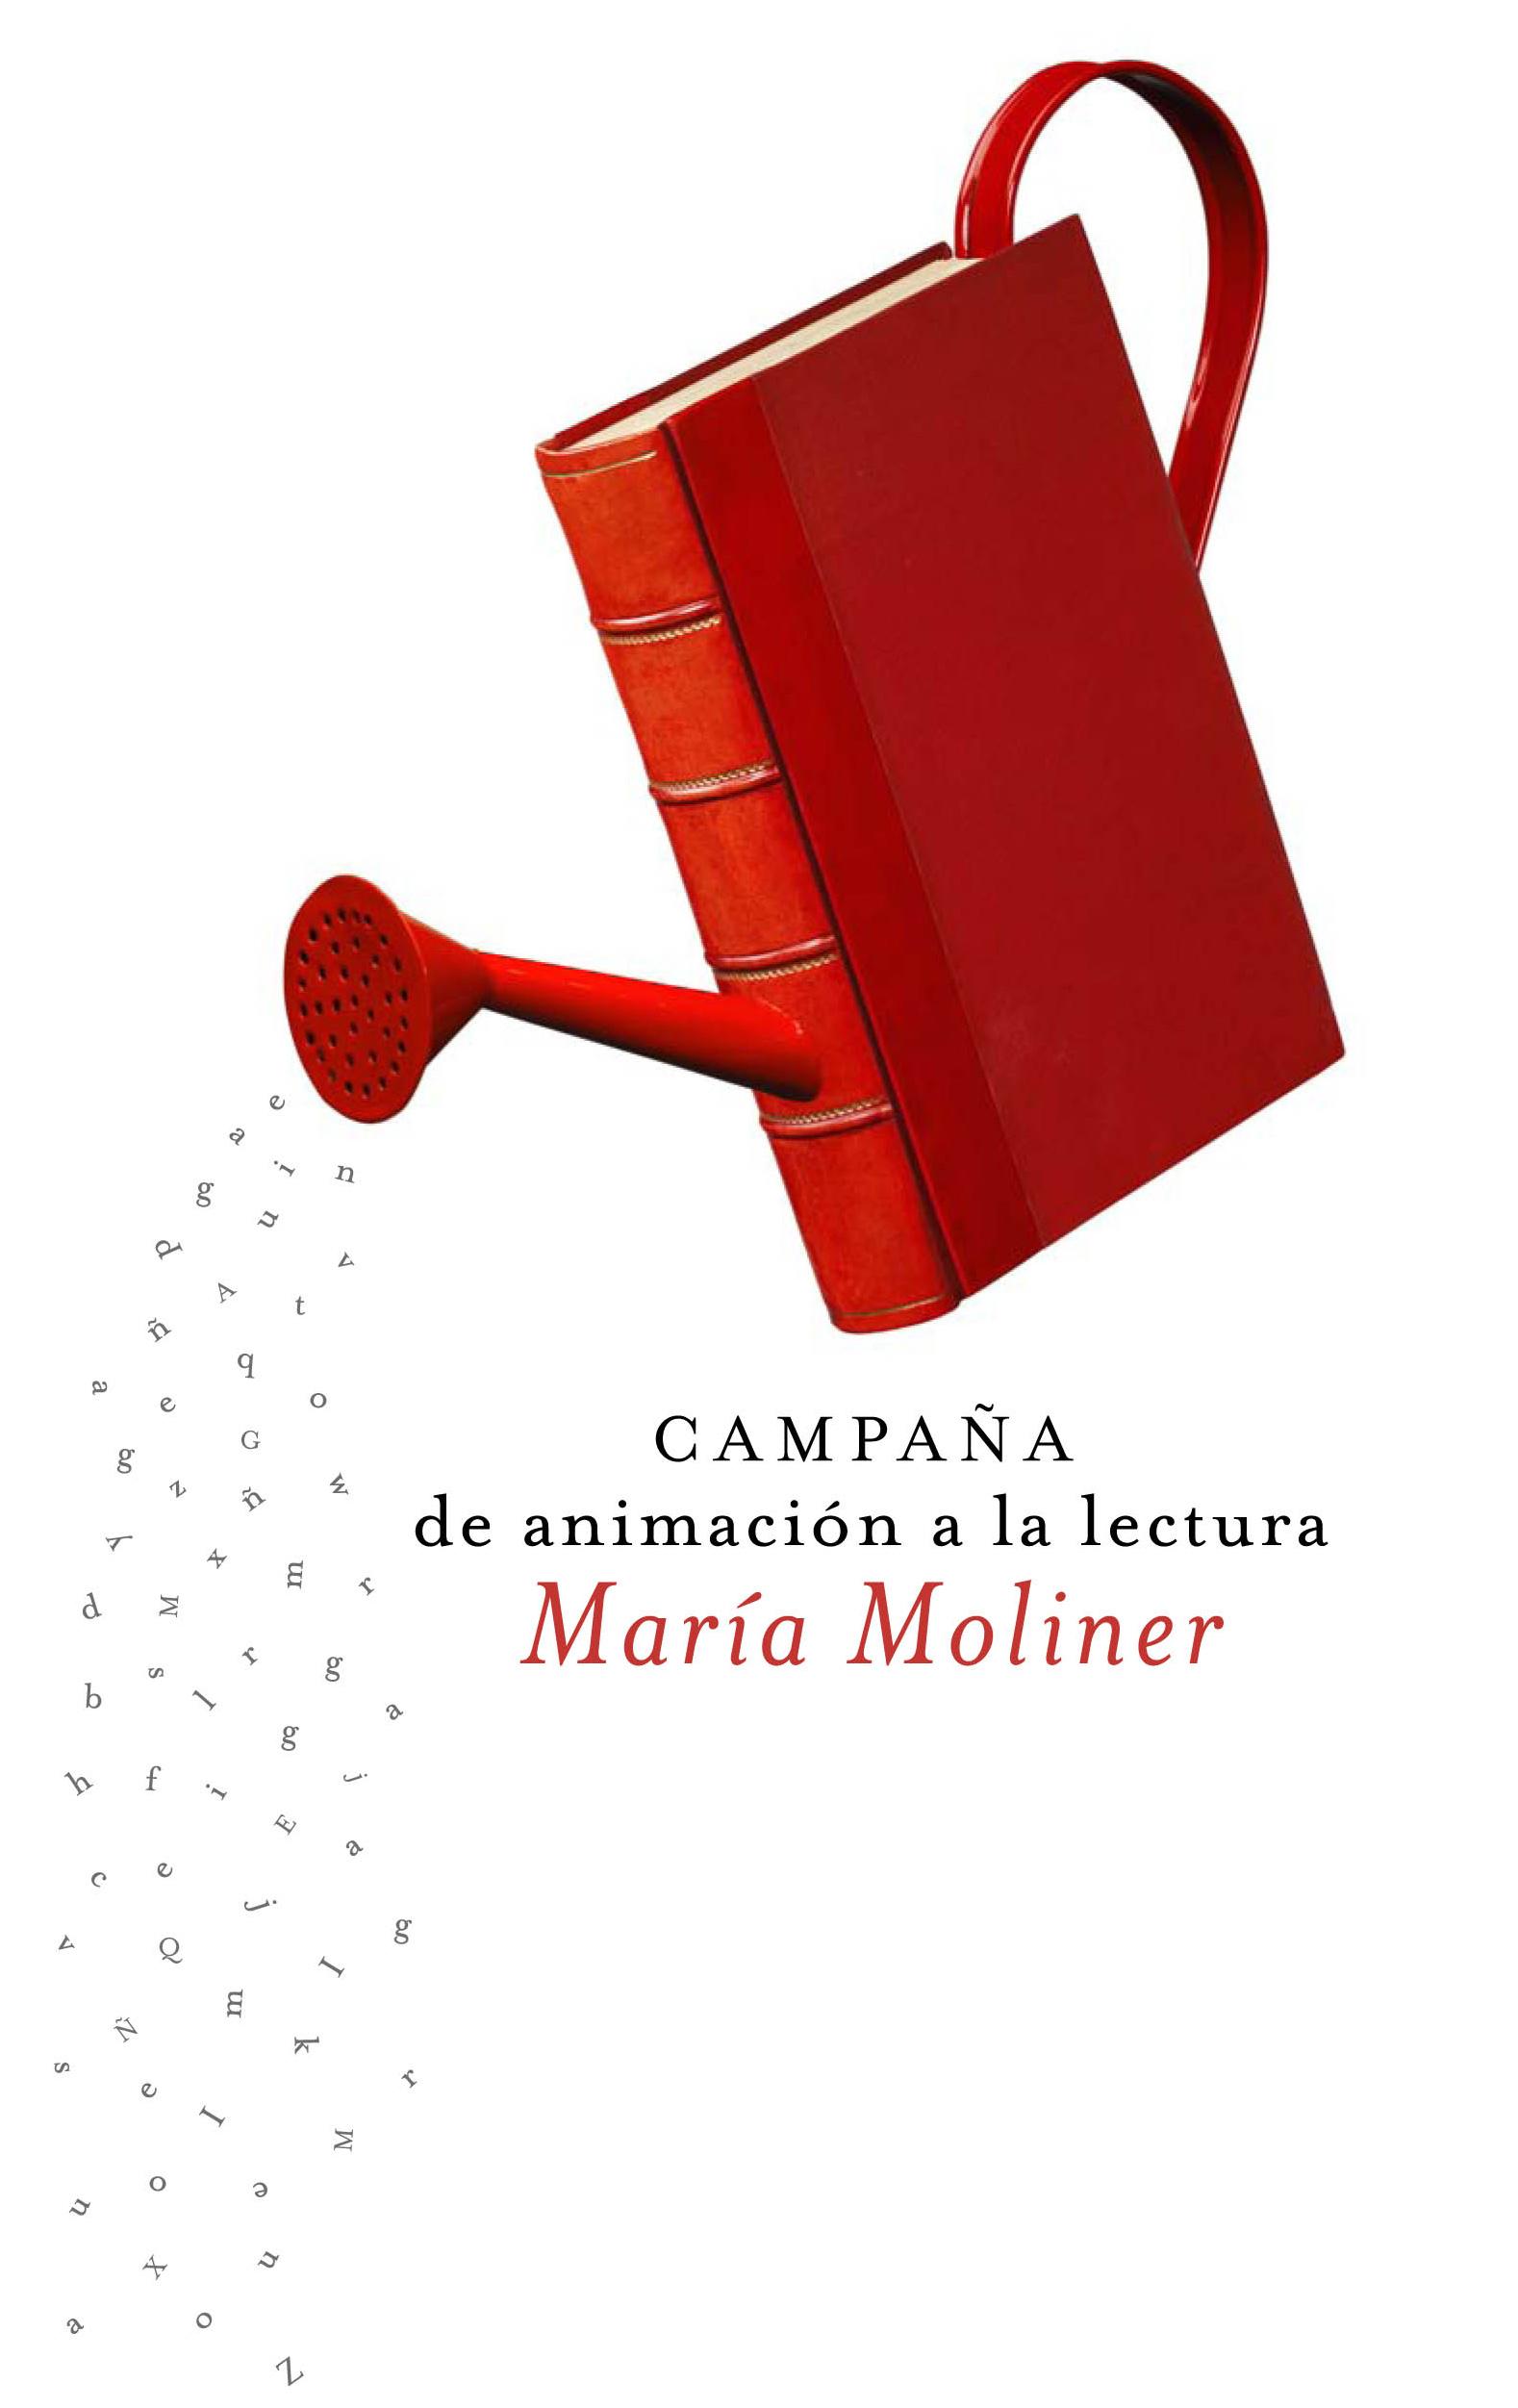 Aielo de Malferit rep el Premi María Moliner 2021